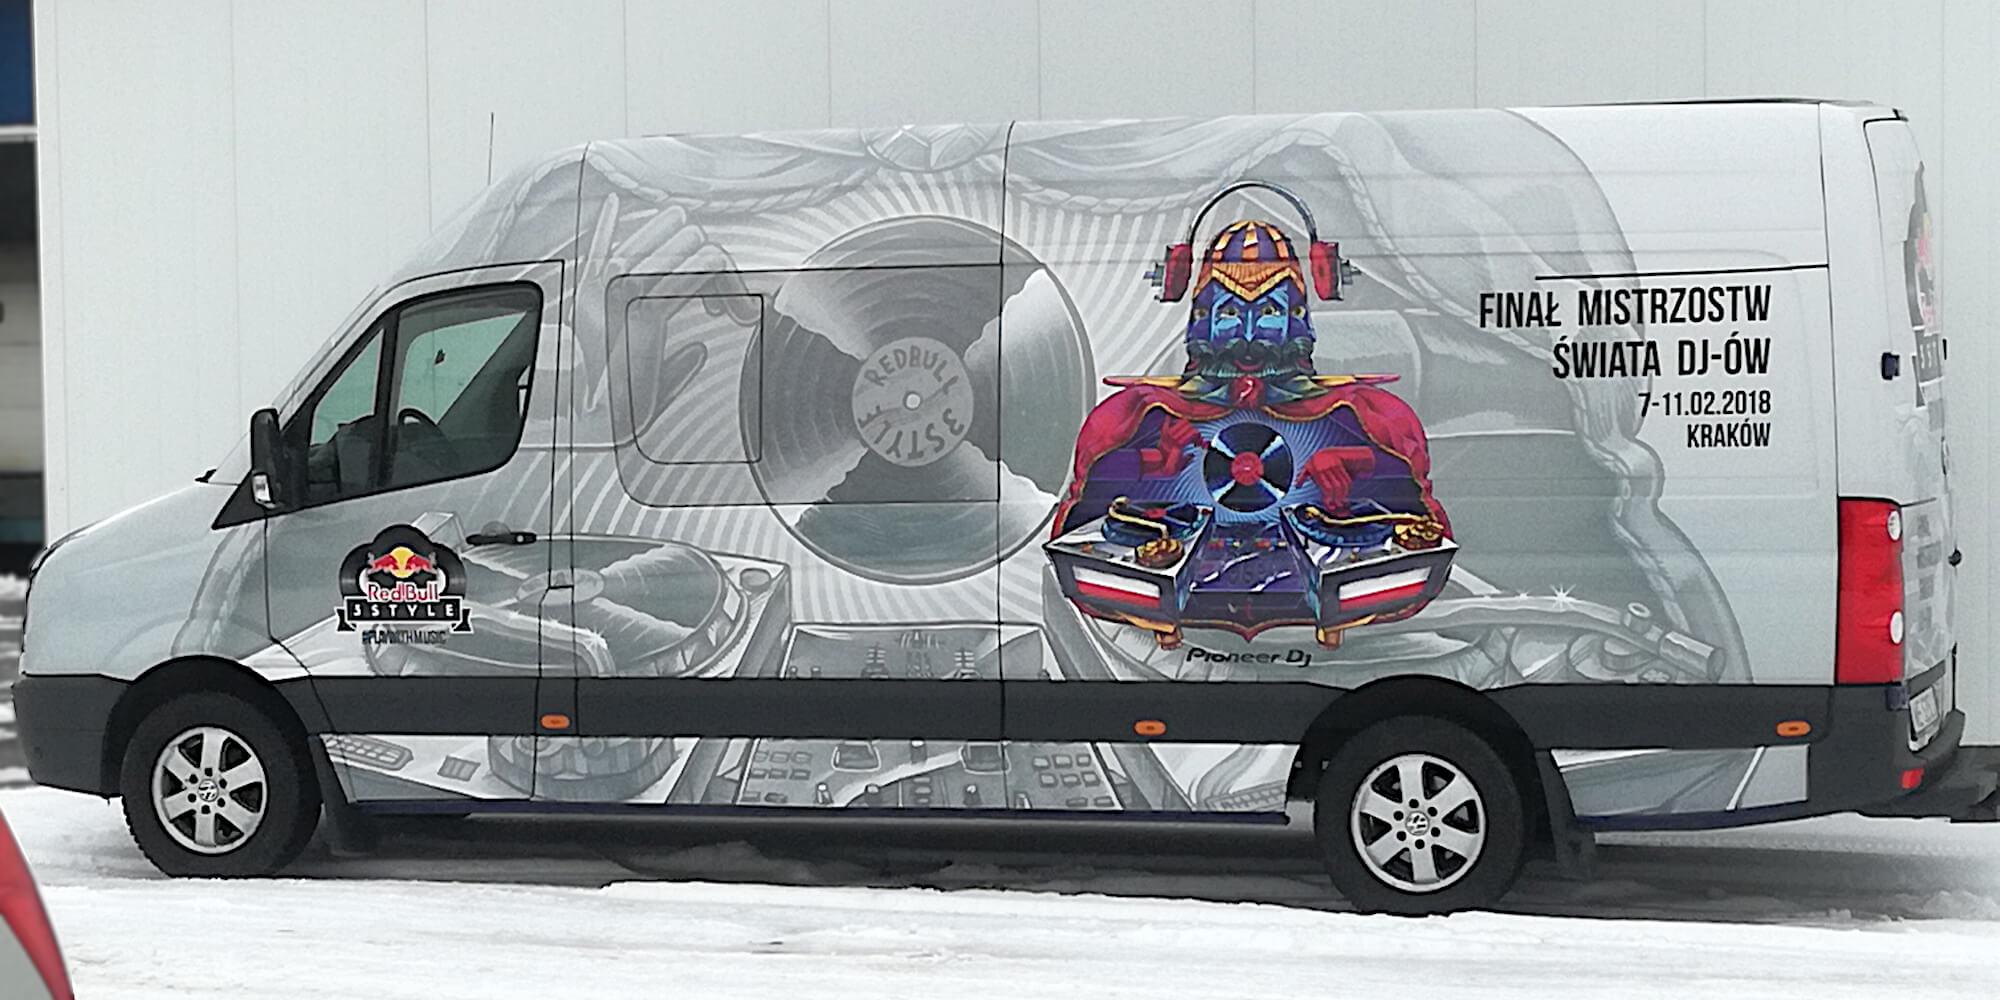 oklejanie samochodów dostawczych redbull